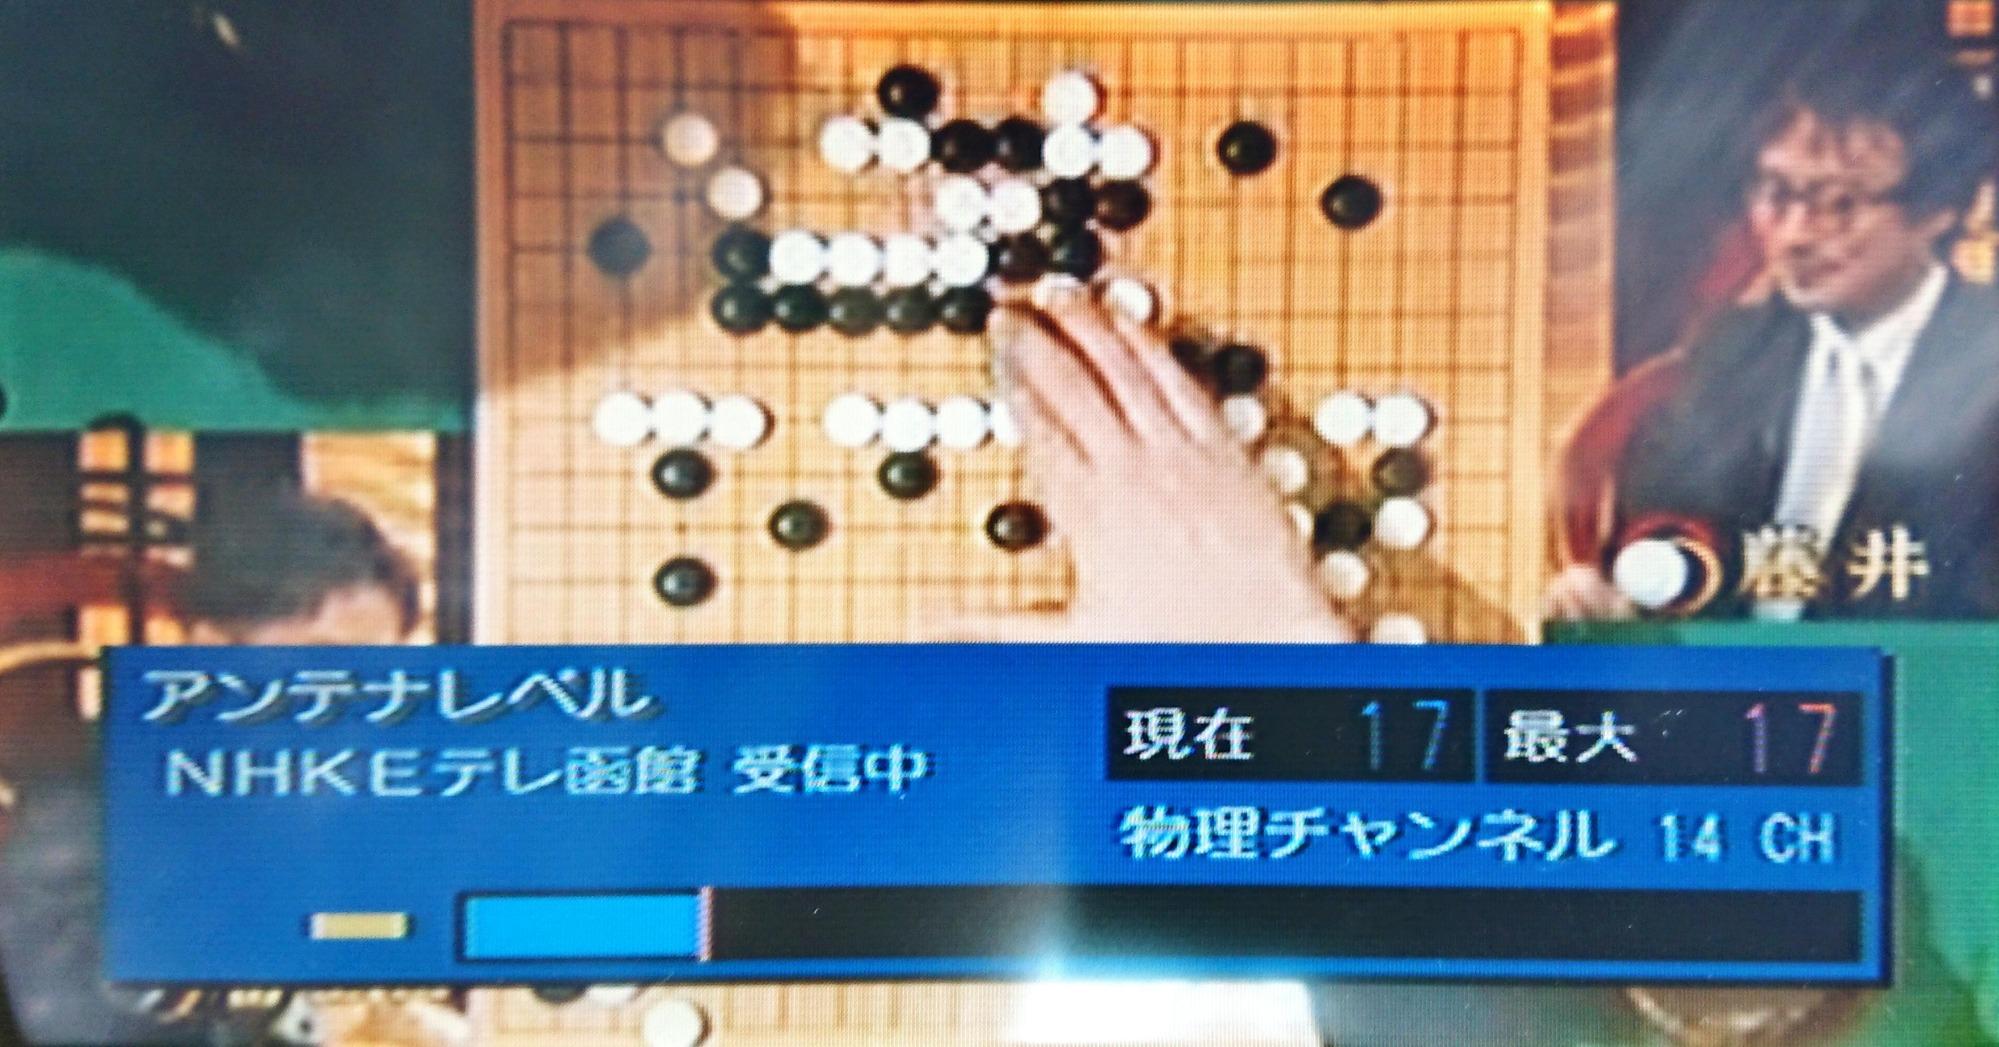 ETV Kakujubashi